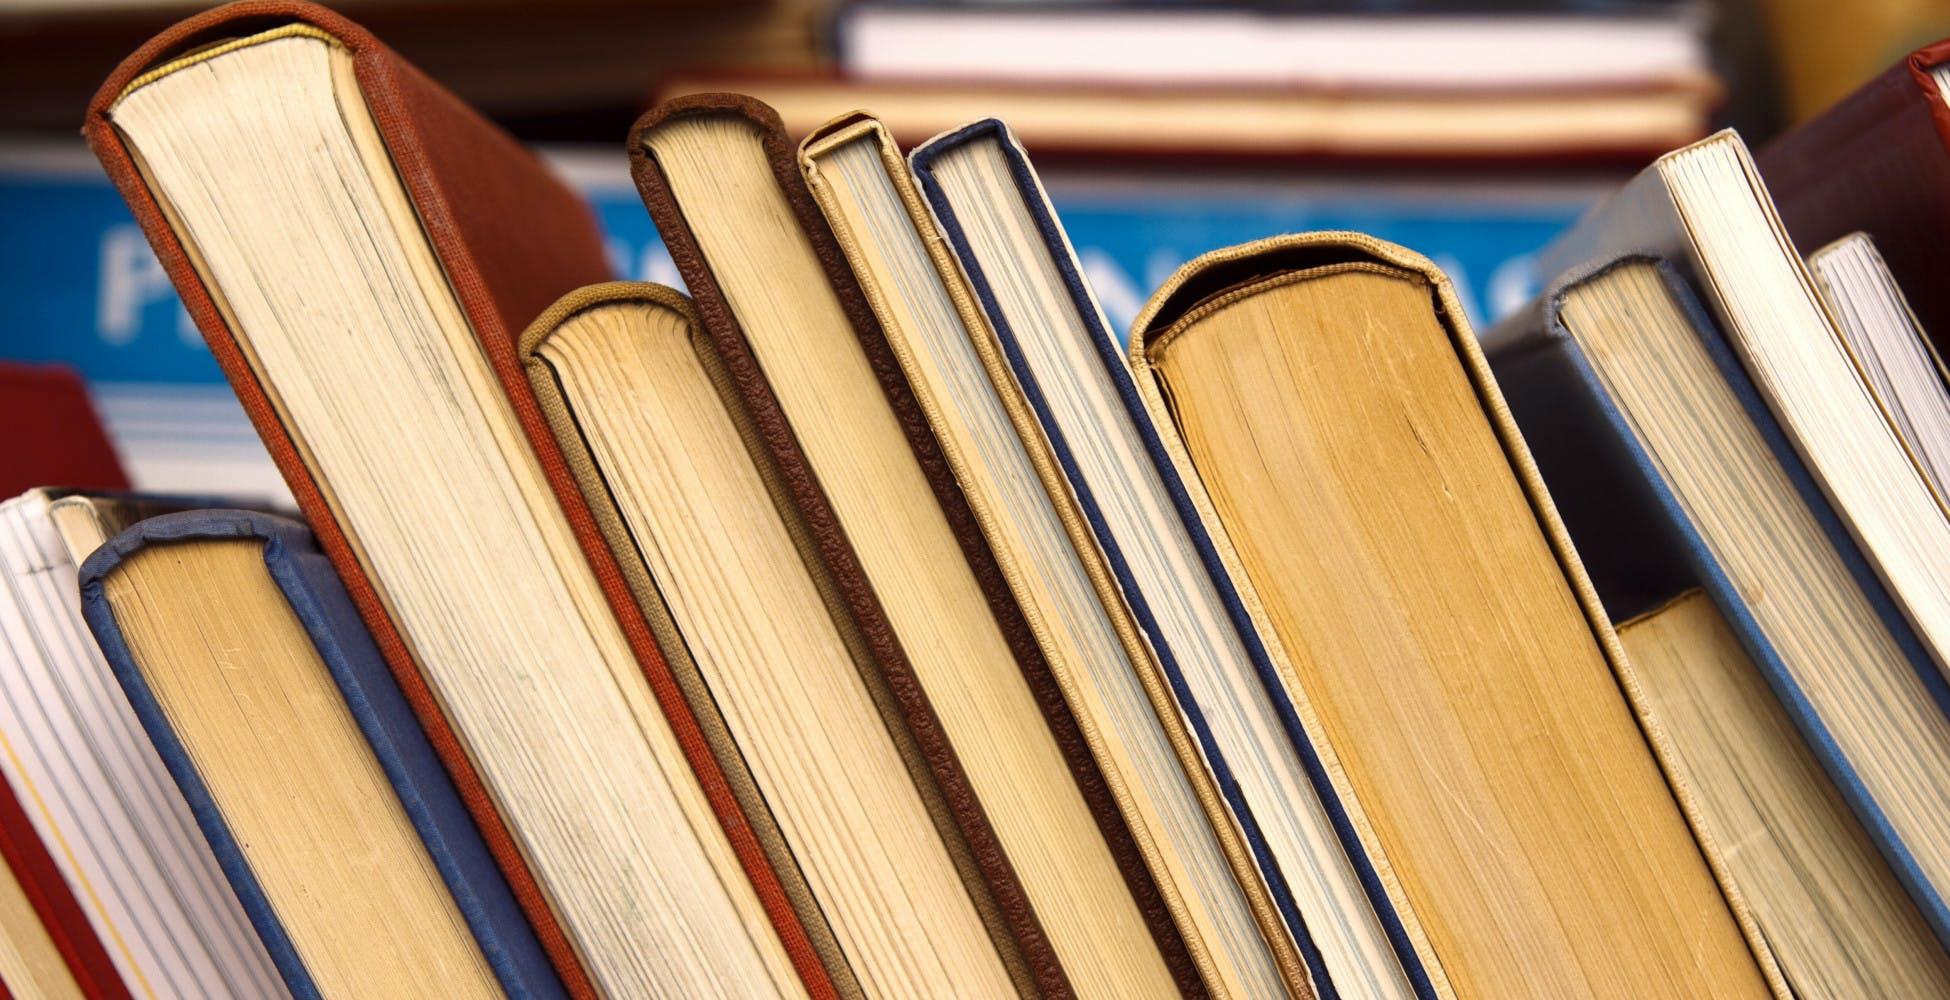 Bookdealer, le librerie indipendenti sfidano Amazon. Si compra online, si sceglie la libreria e si riceve a domicilio